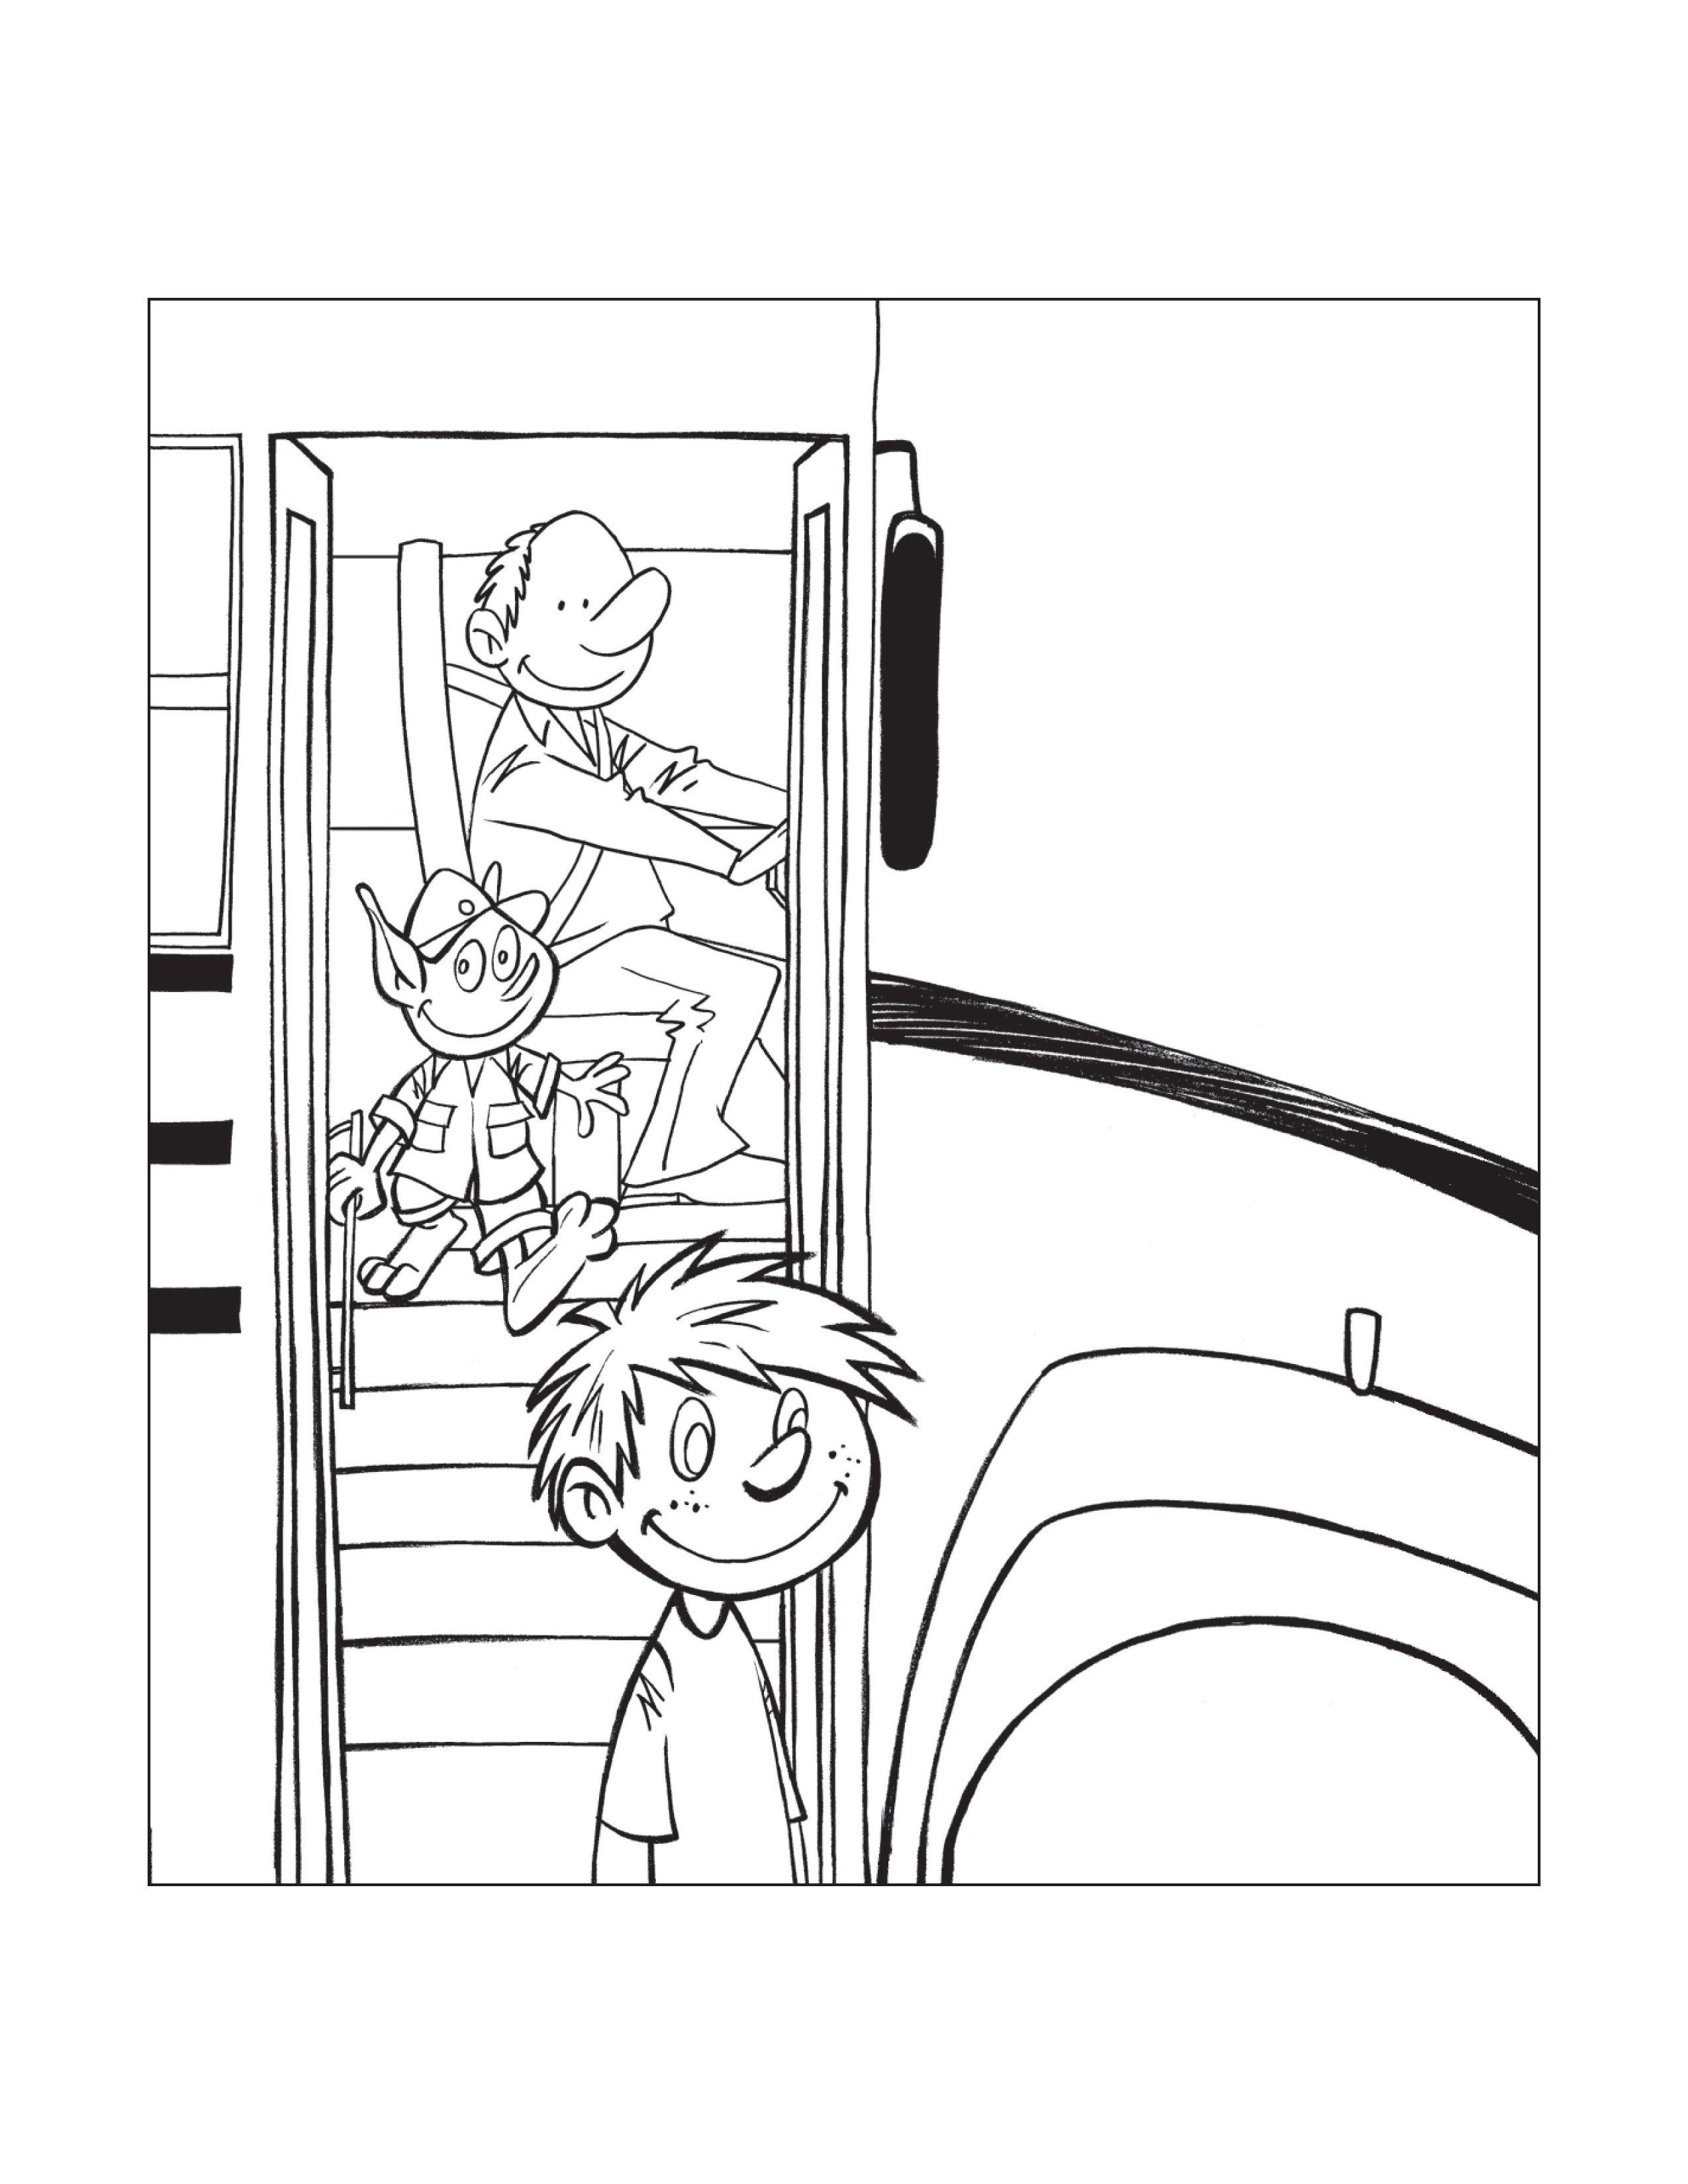 15 coloriage securite routiere imprimer haut coloriage hd images et imprimable gratuit - Coloriage car scolaire ...